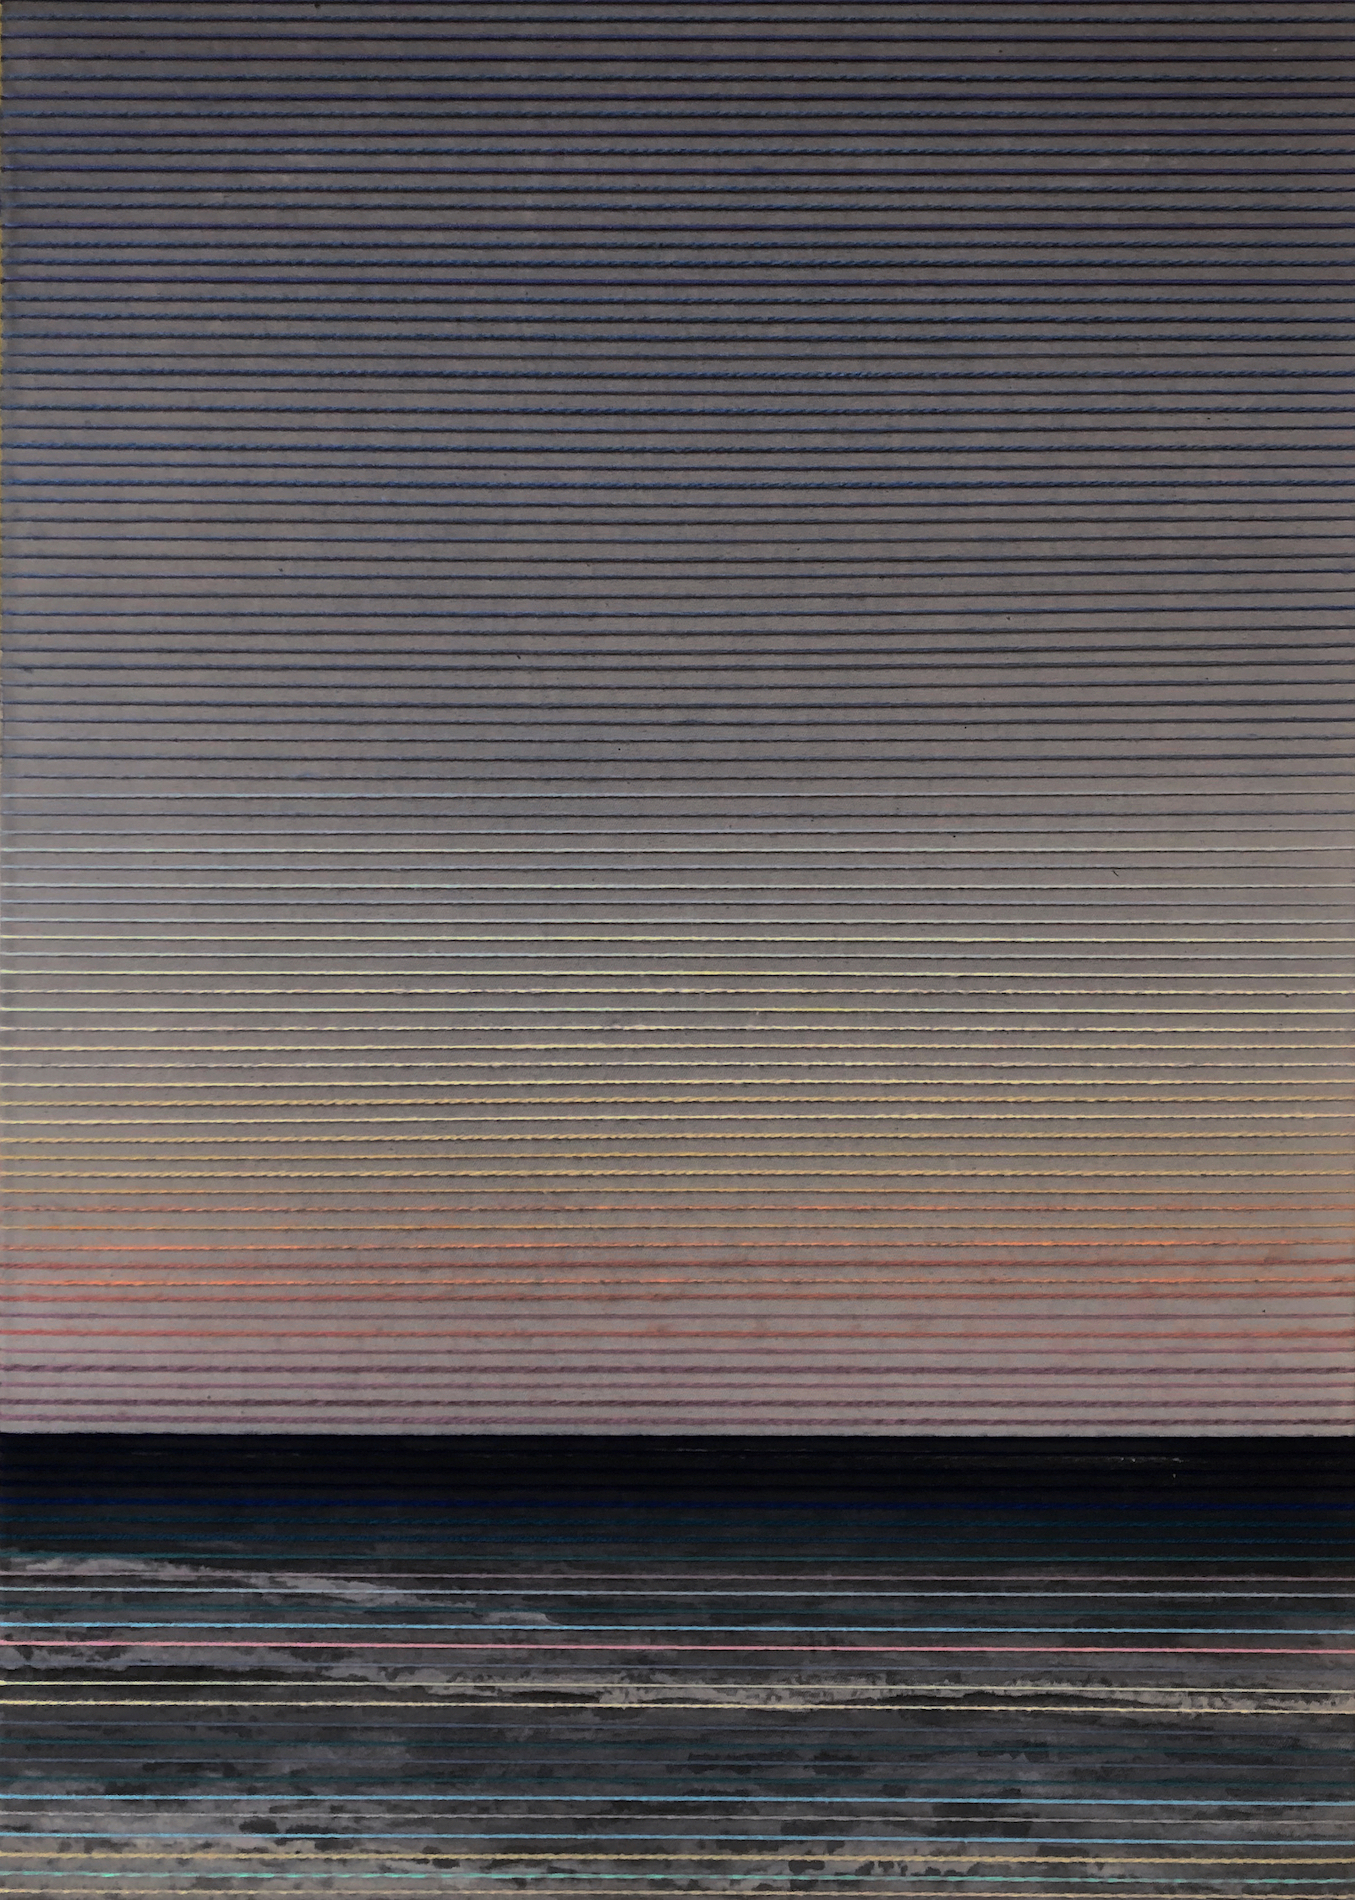 Linda Männel: o.T. (Glowing VI), 2020, Tusche/Garn auf Leinwand, 50 x 70 cm